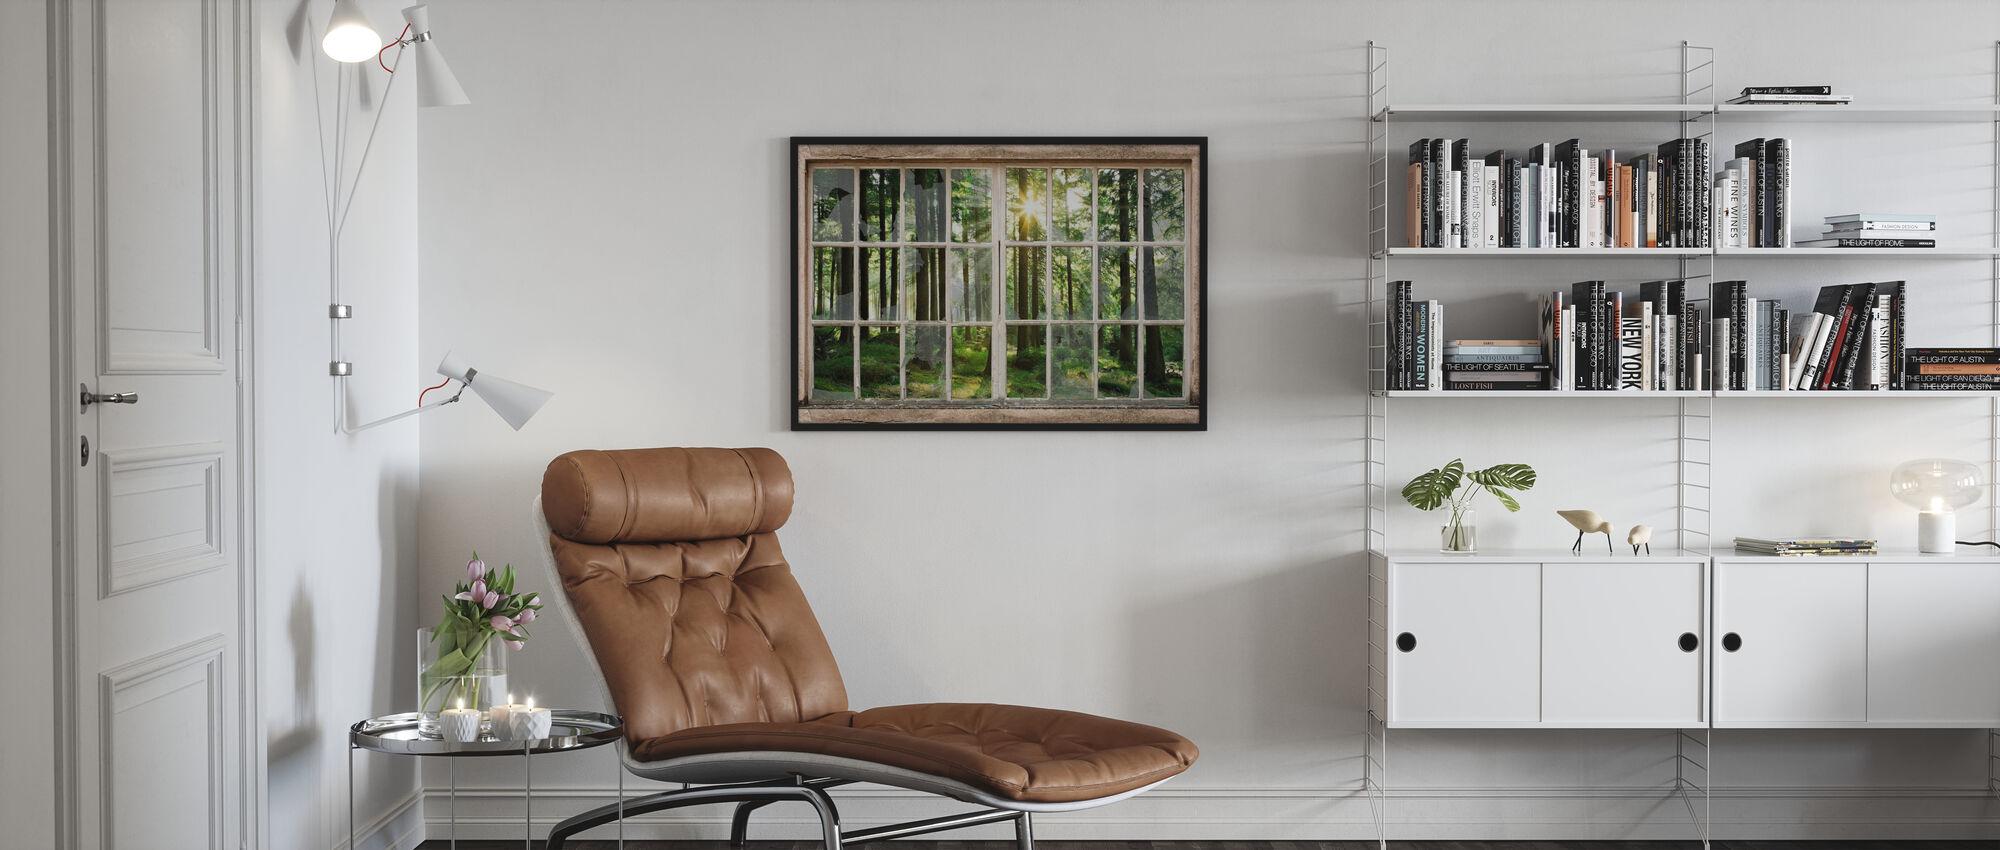 Zonsondergang in bos door gebroken venster - Ingelijste print - Woonkamer